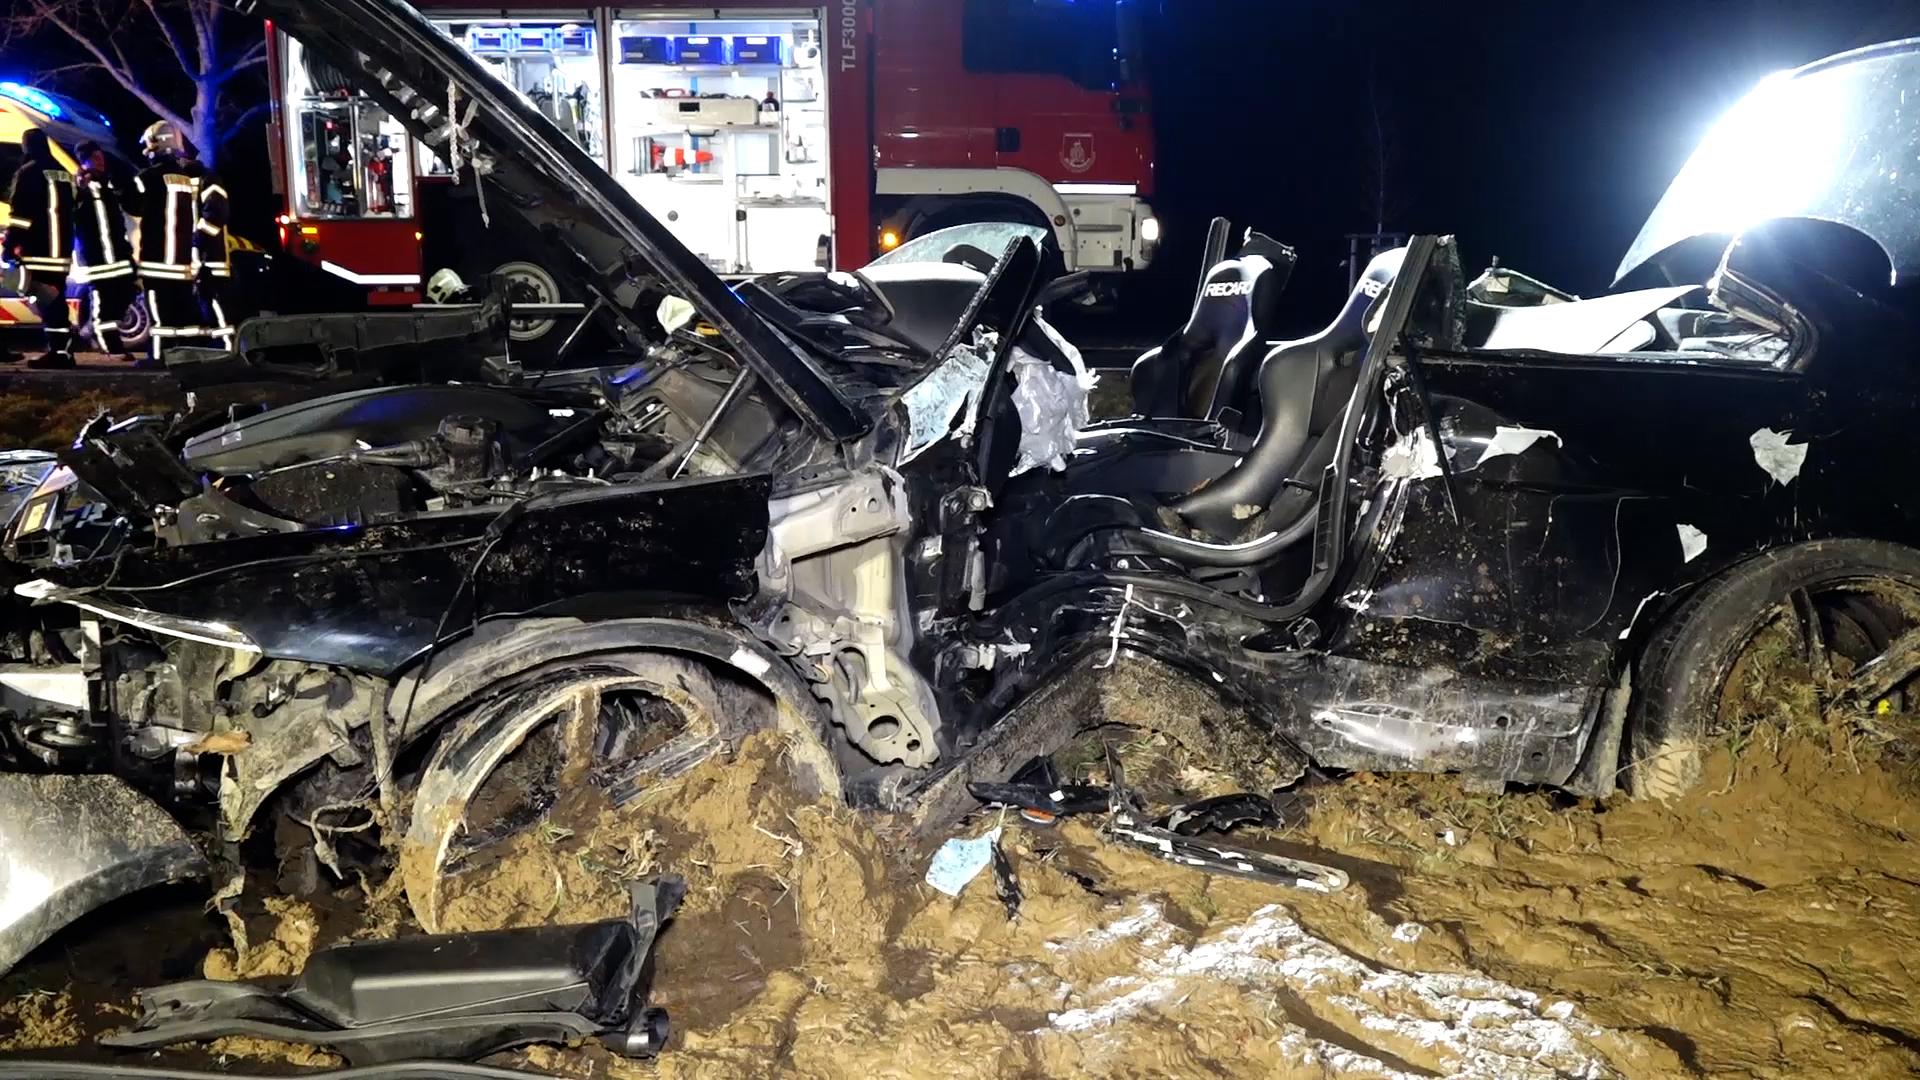 Schwerer-Unfall-mit-Sportwagen-bei-Panschwitz-Kuckau